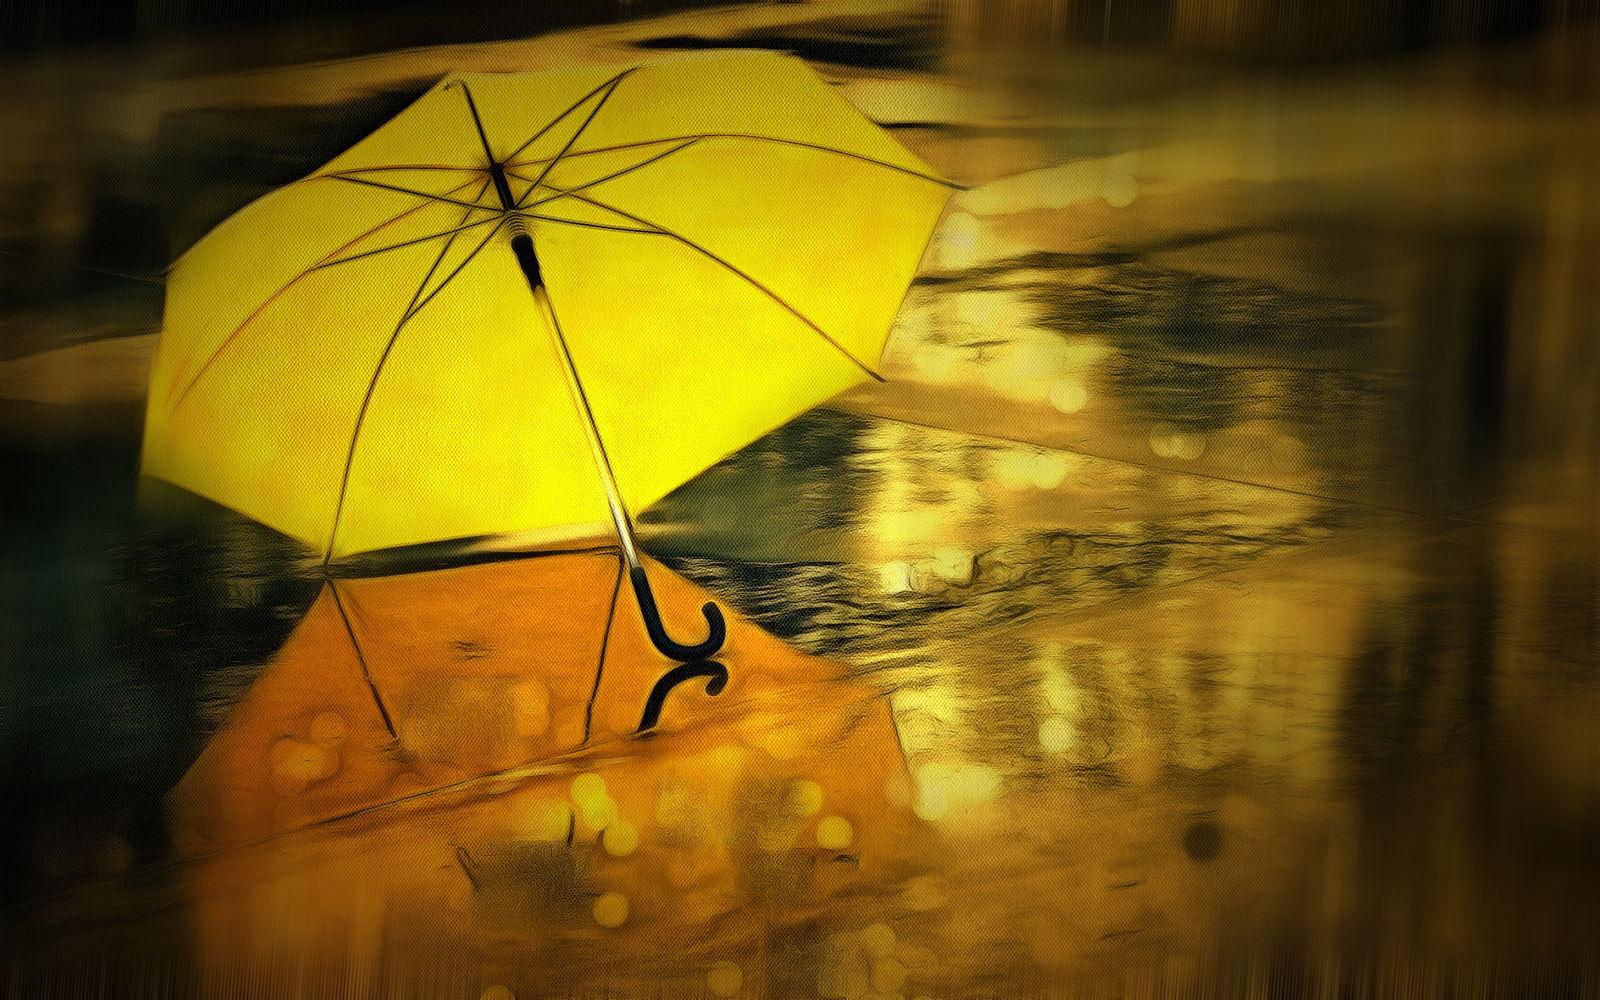 женской фото с желтым зонтом хорошо смотрятся узкими